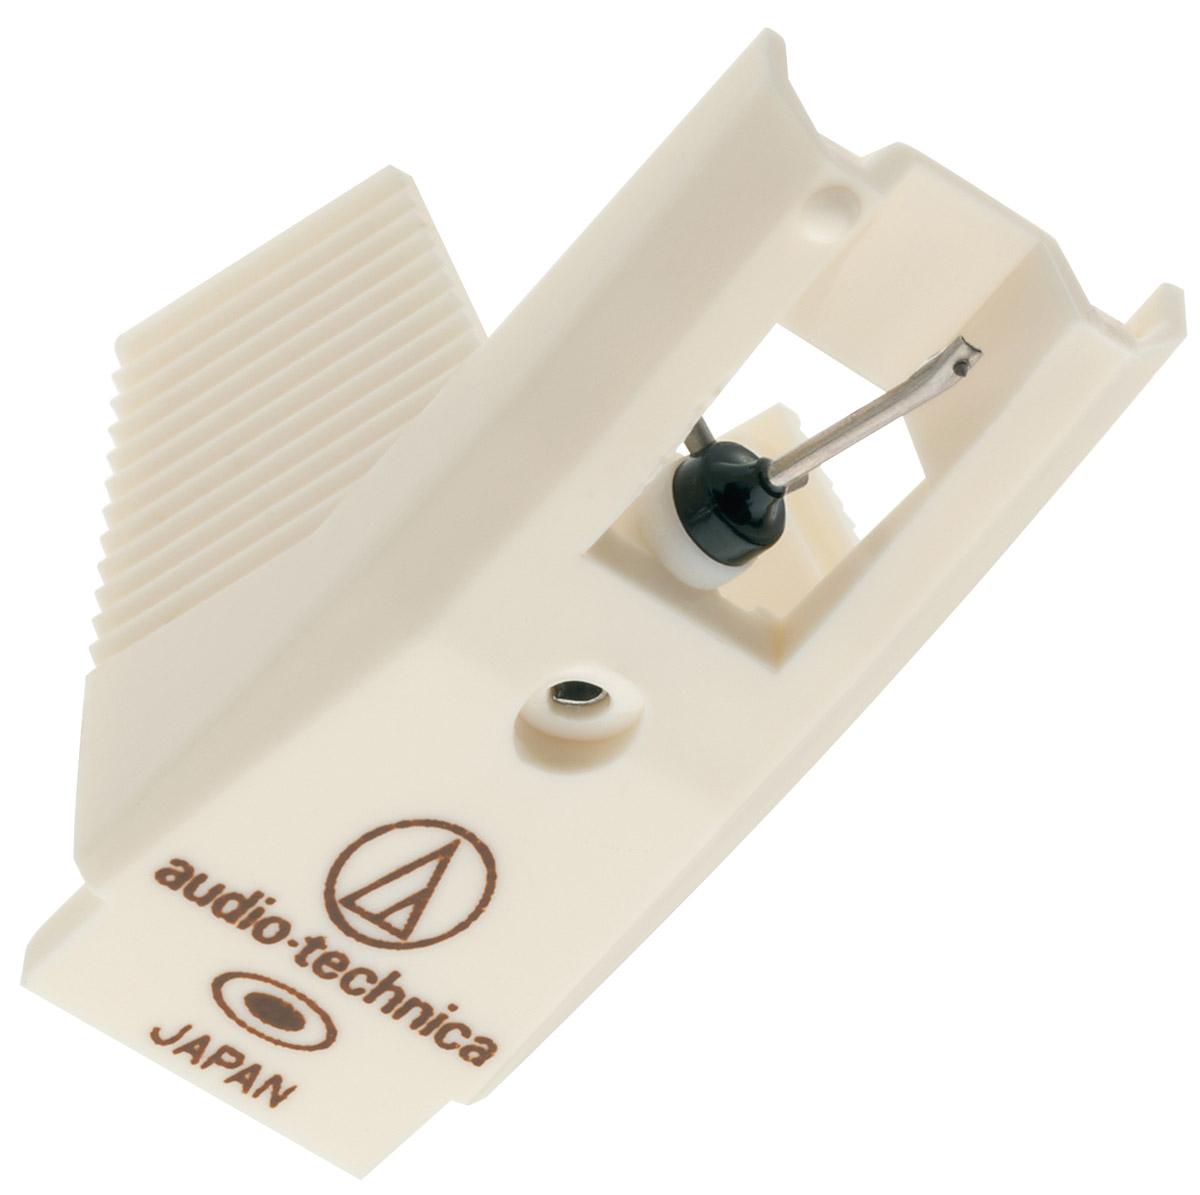 Audio-Technica ATN3472SE игла для звукоснимателя5055145748022Audio-Technica ATN3472SE сменная эллиптическая игла для звукоснимателя. Иглодержатель представляет собой тонкостенную трубку из прочного сплава. Подходит для звукоснимателей Audio-Technica AT92ECD, AT311EP и AT316EP. Работает в режиме 16, 33 или 45 об/мин, прижимная сила от 1 до 1,25 г.